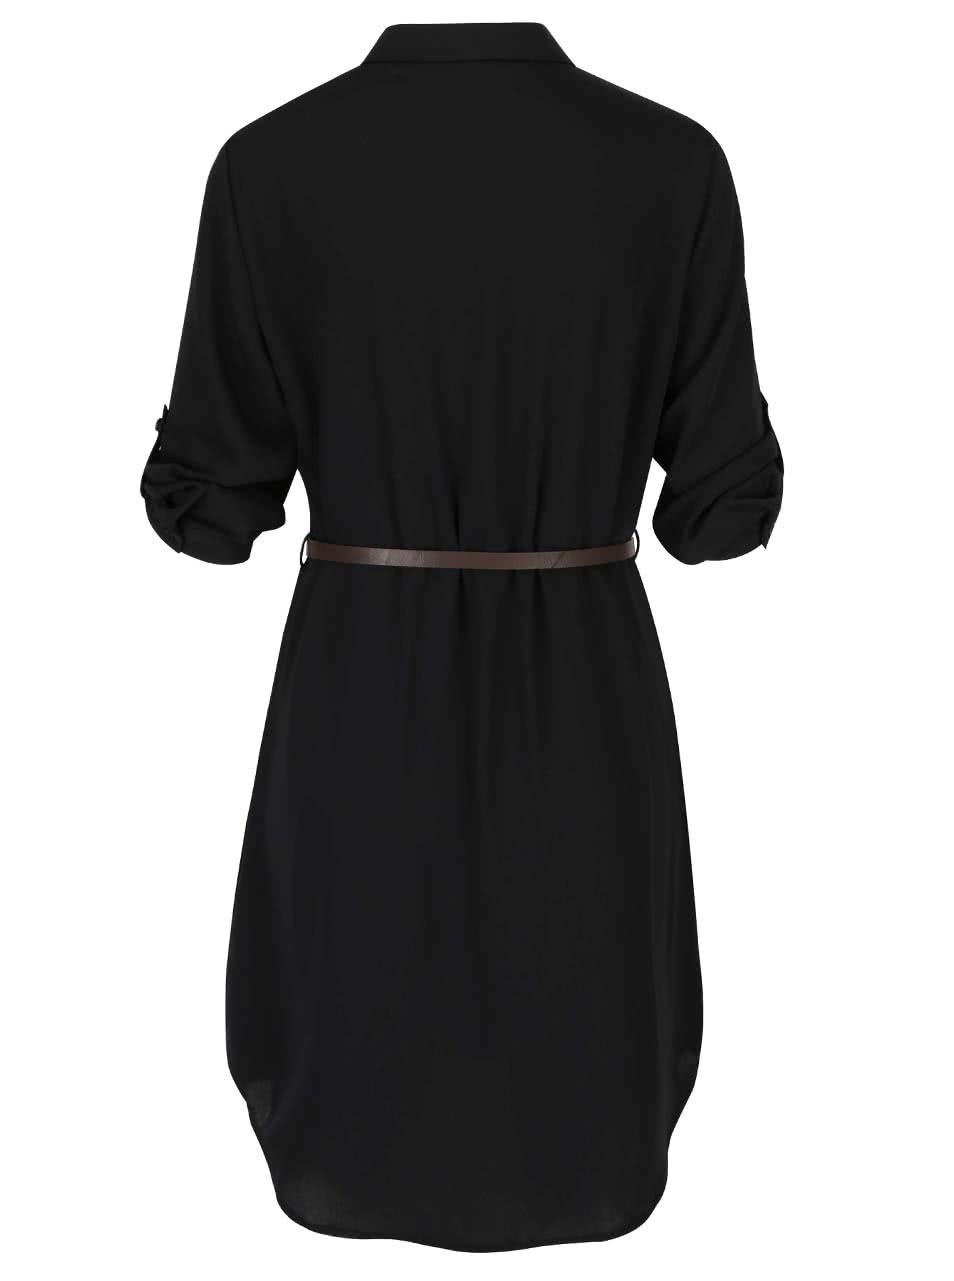 8dcb4259978d Čierne košeľové šaty s opaskom VERO MODA Adele ...